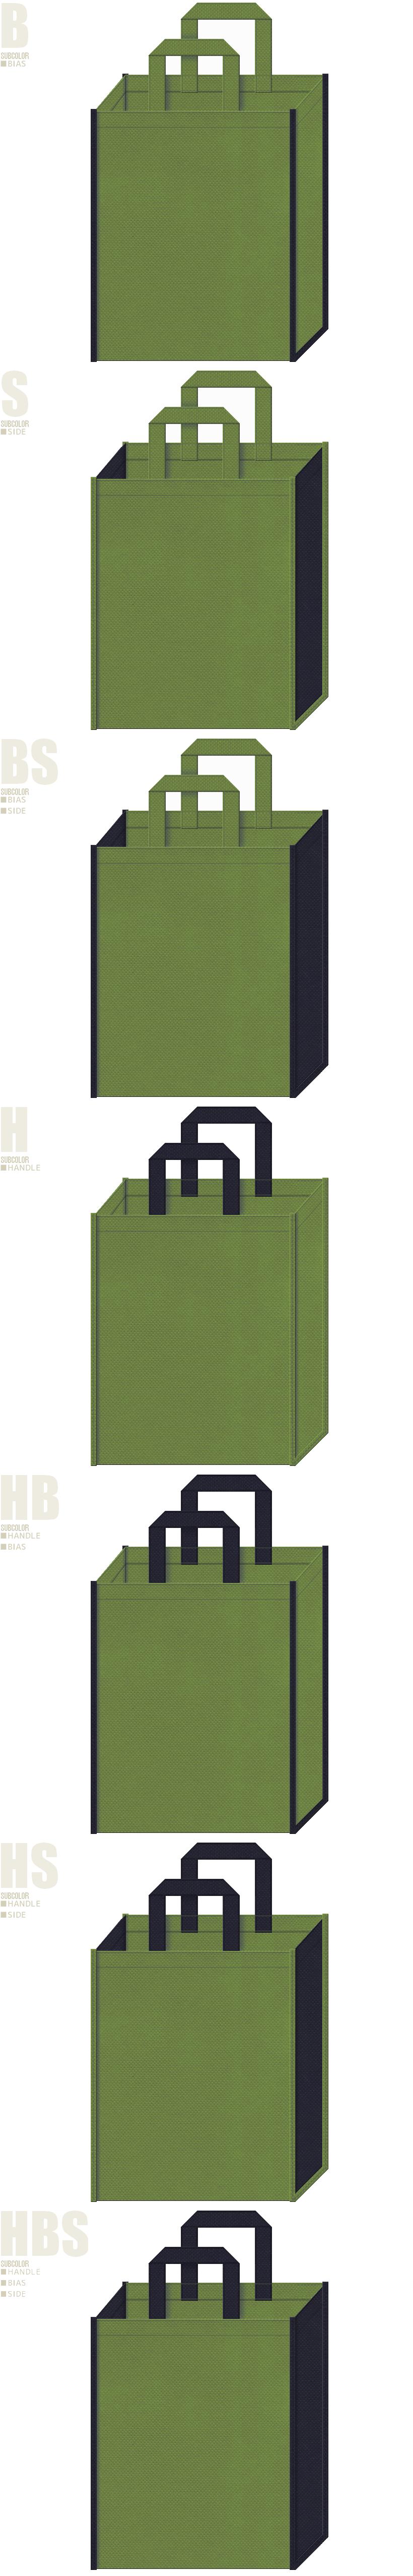 学術・専門書・書籍・書店にお奨めの不織布バッグデザイン:草色と濃紺色の配色7パターン